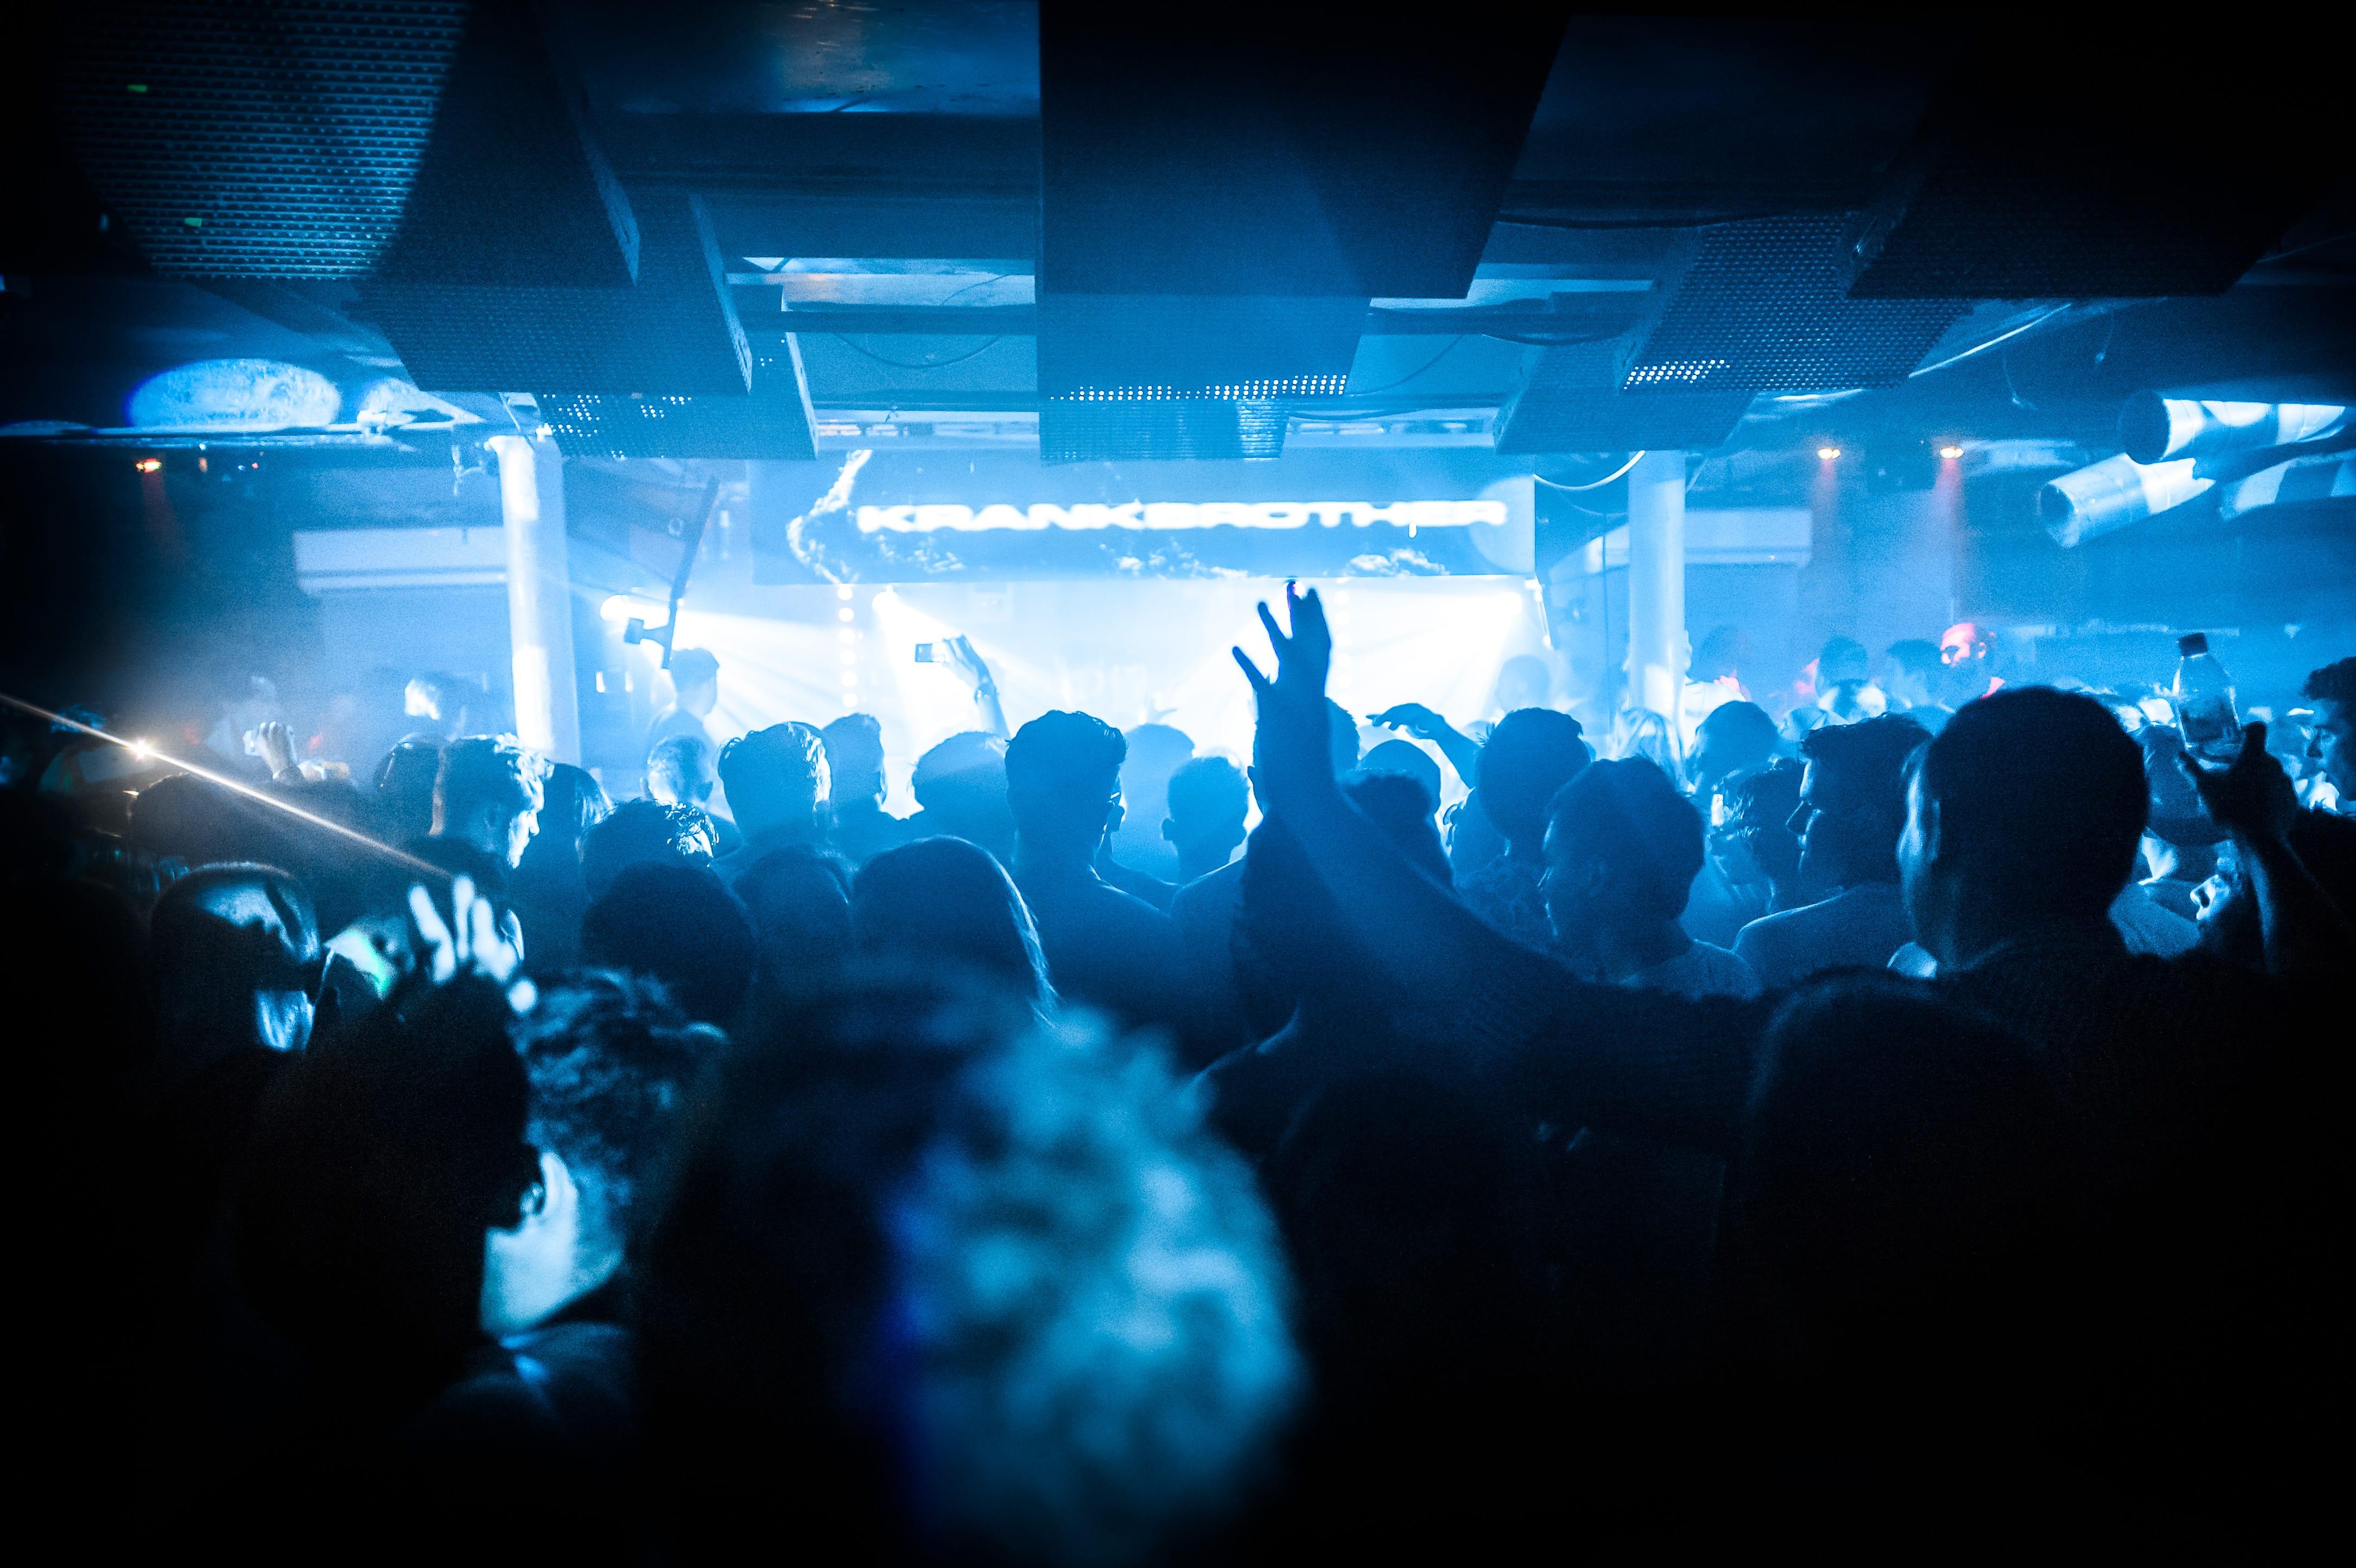 Der Club mit seiner beeindruckenden Licht- und Soundanlage - Foto: Tom Horton